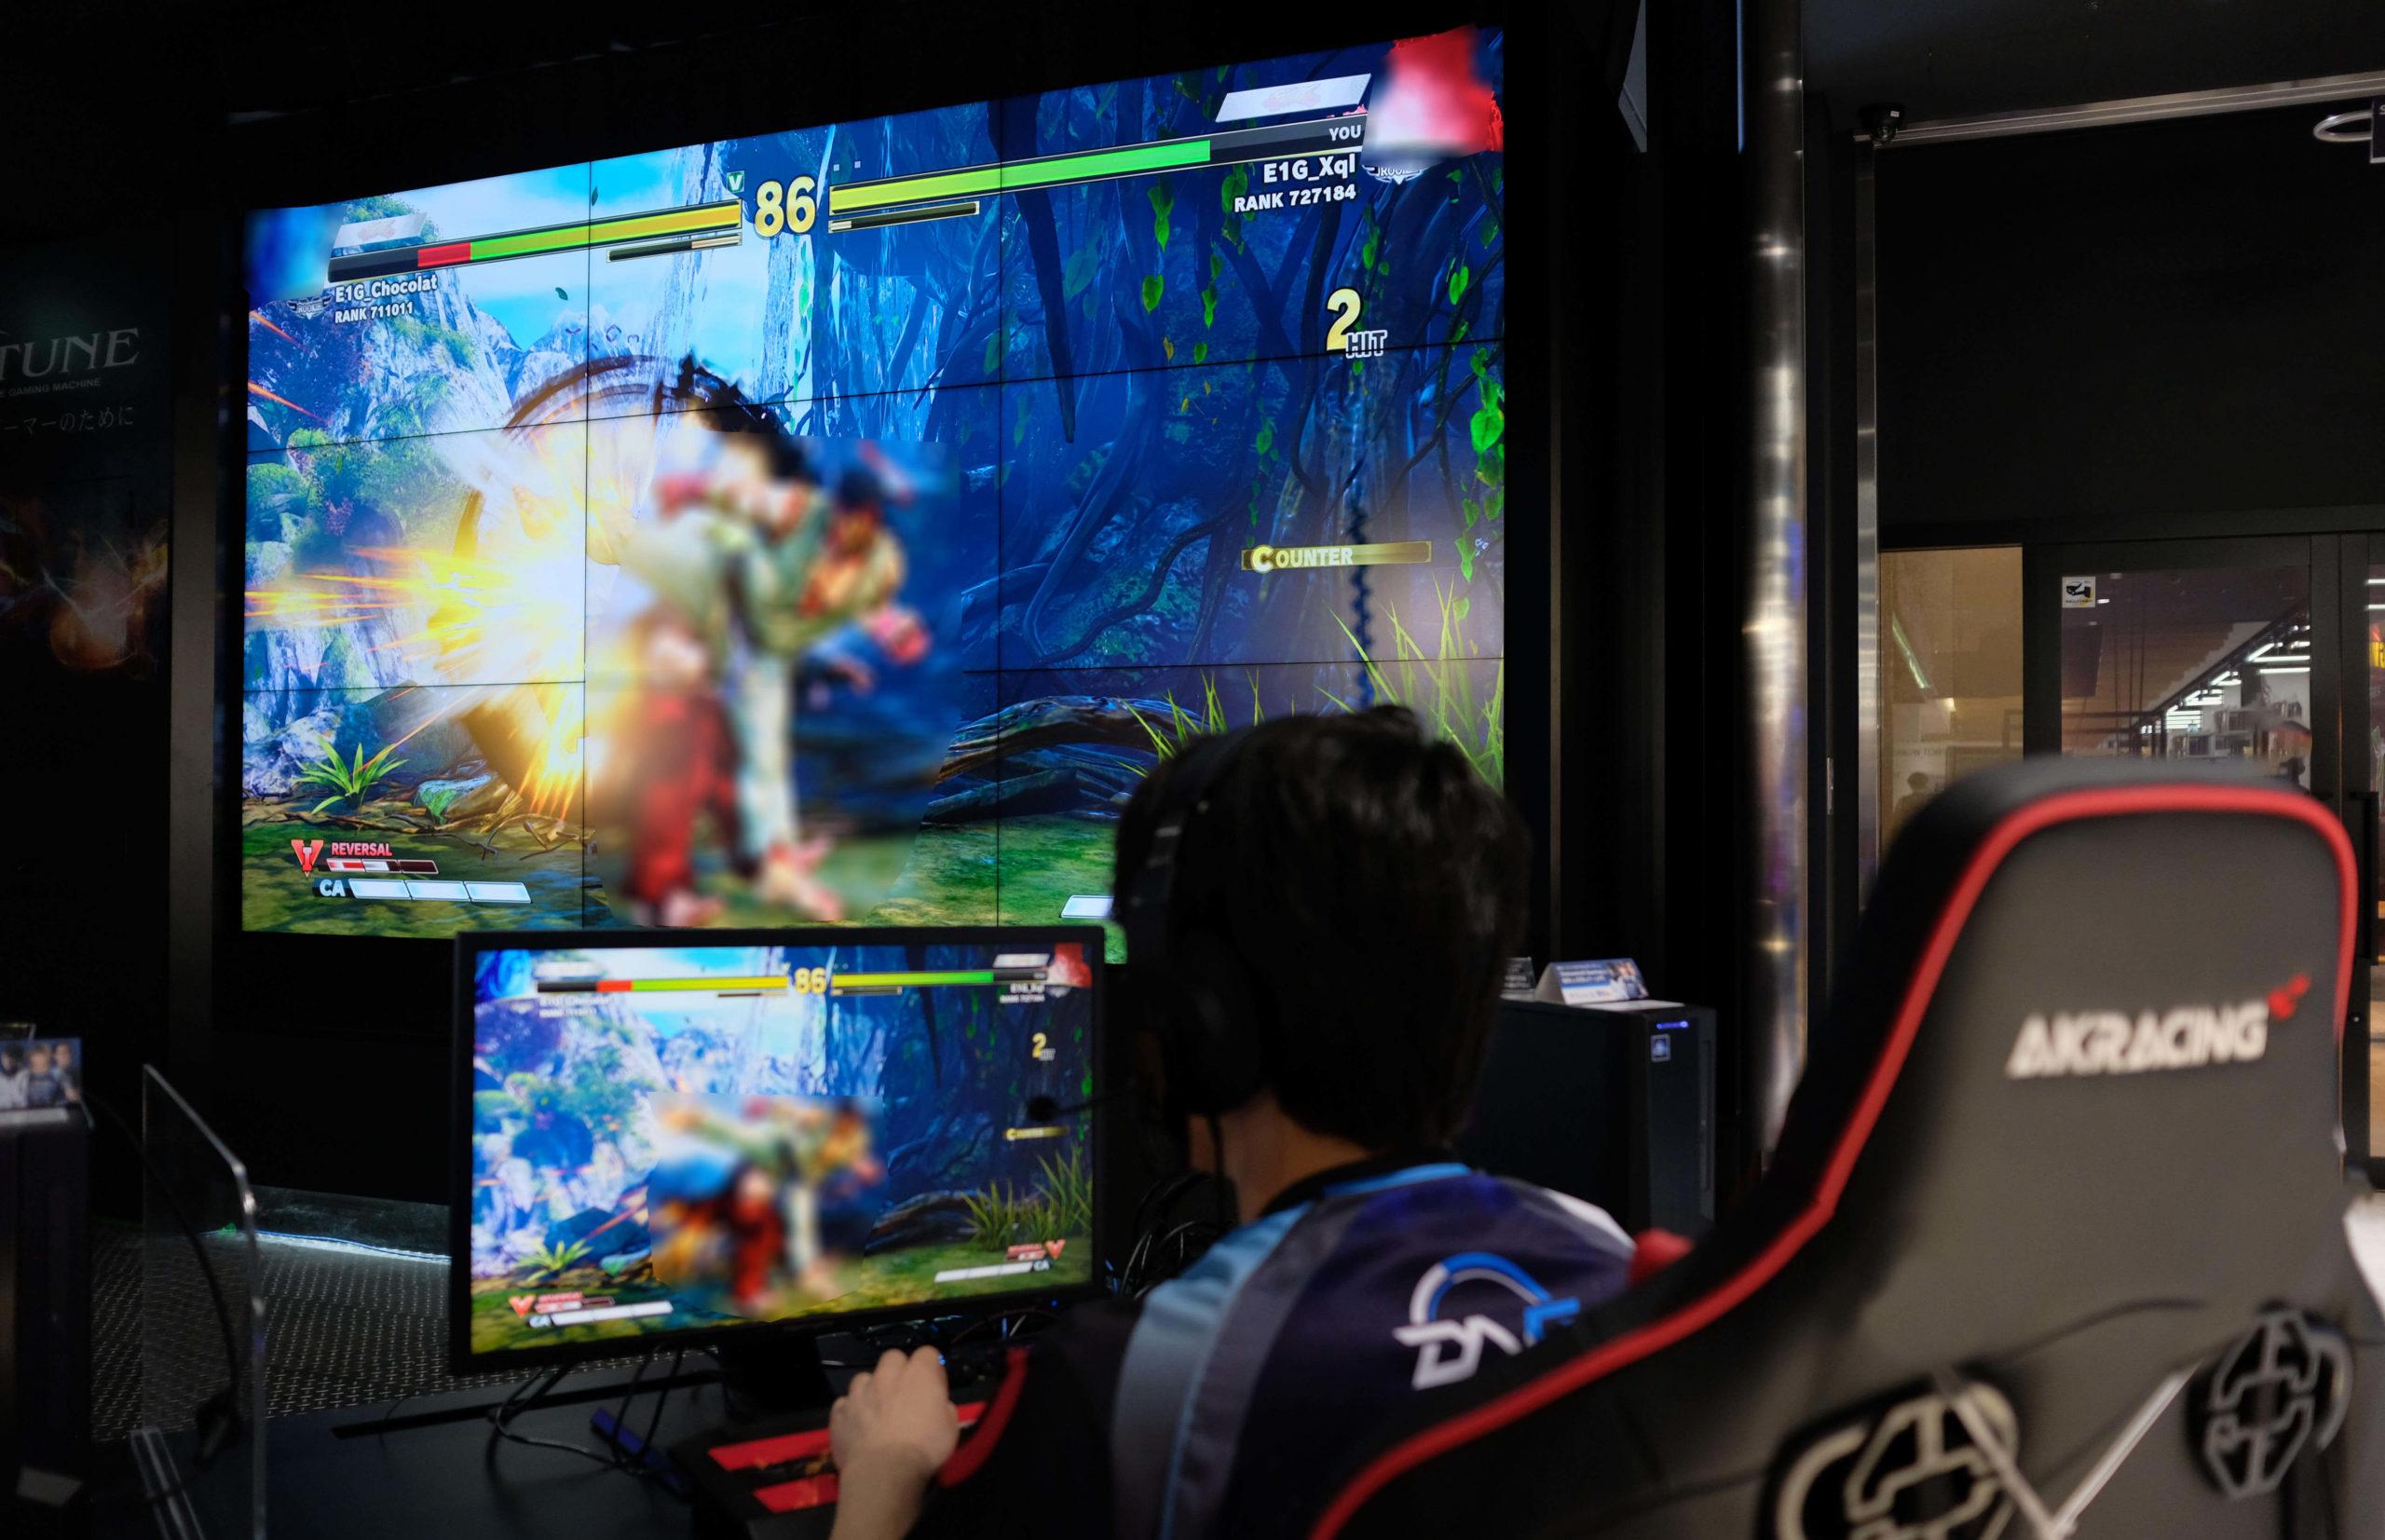 エディオンなんば本店のゲーミングチェアでゲームするプロゲーマー